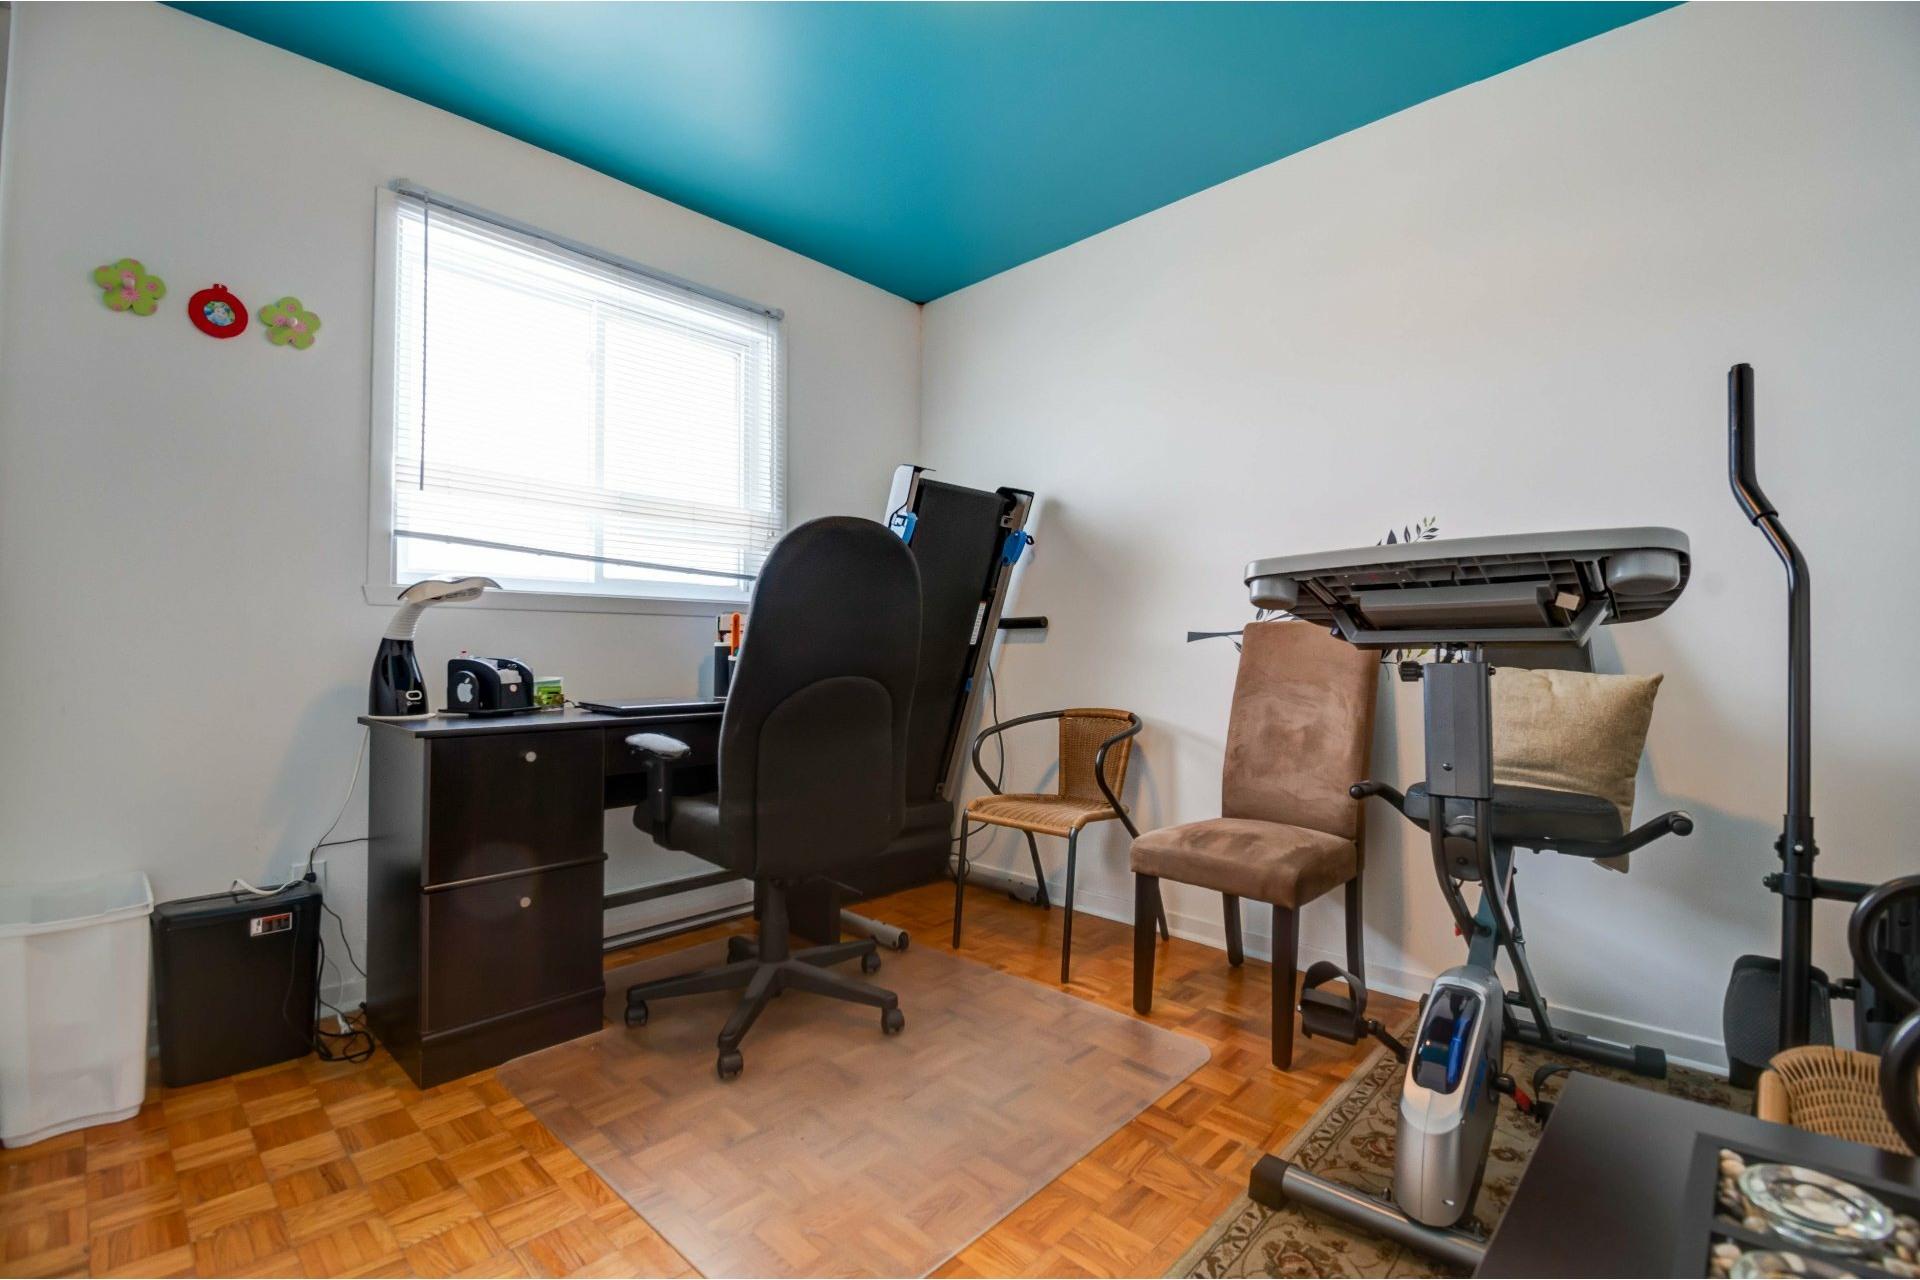 image 16 - Duplex À vendre Trois-Rivières - 6 pièces